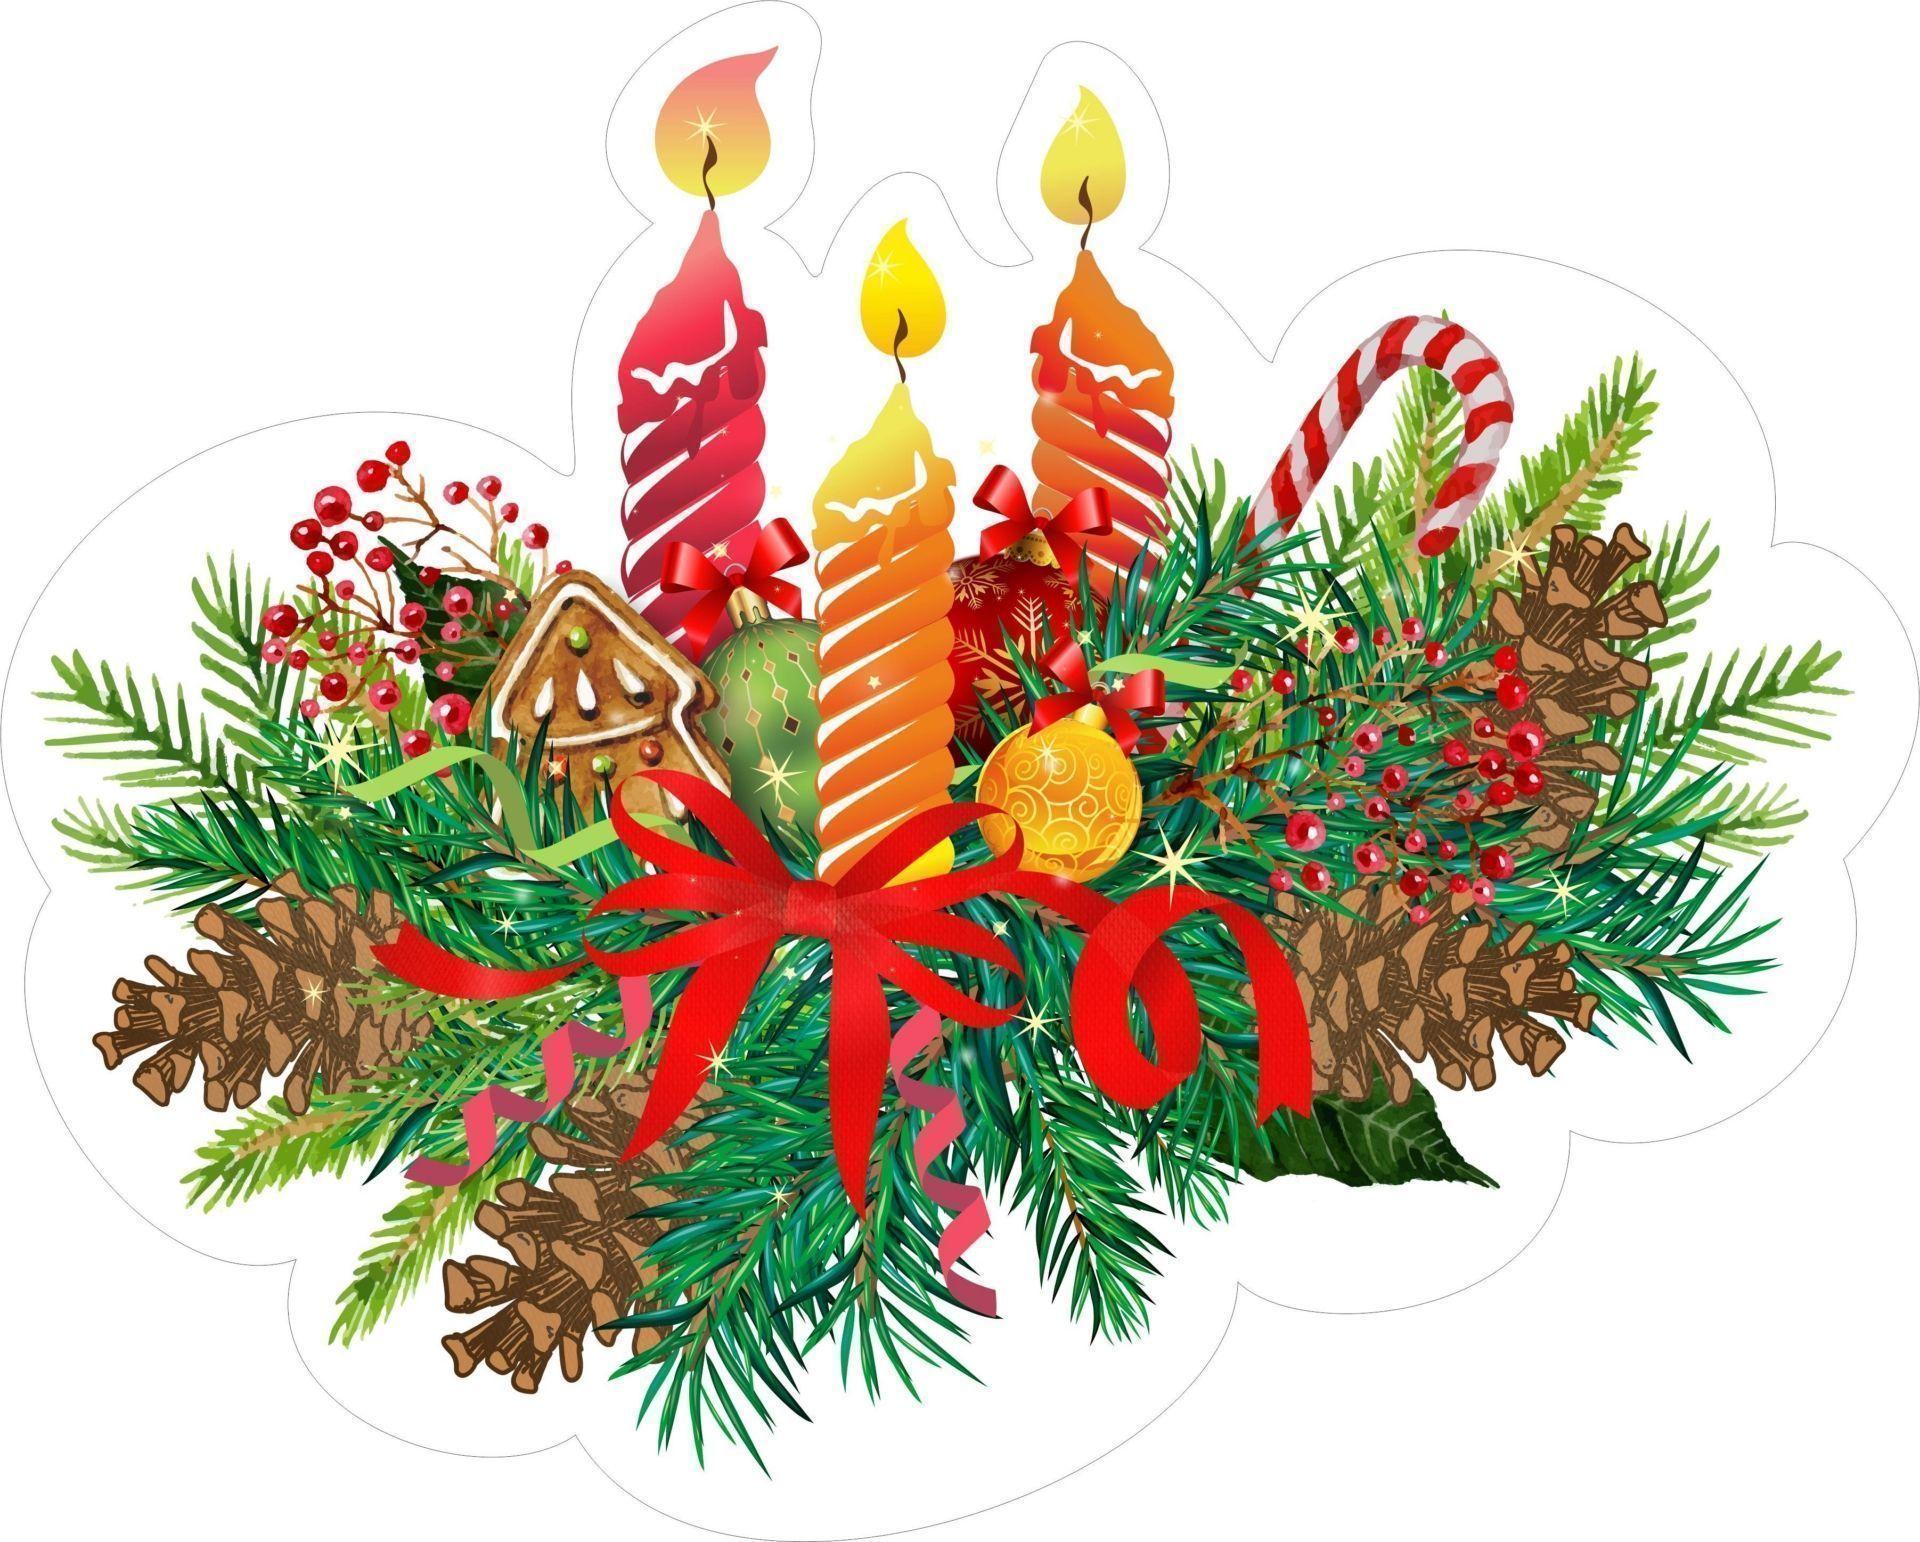 Плакат вырубной Рождественские свечиТовары для оформления и проведения праздника<br>.<br><br>Год: 2017<br>Серия: Вырубные фигуры для оформления<br>Высота: 305<br>Ширина: 245<br>Переплёт: набор